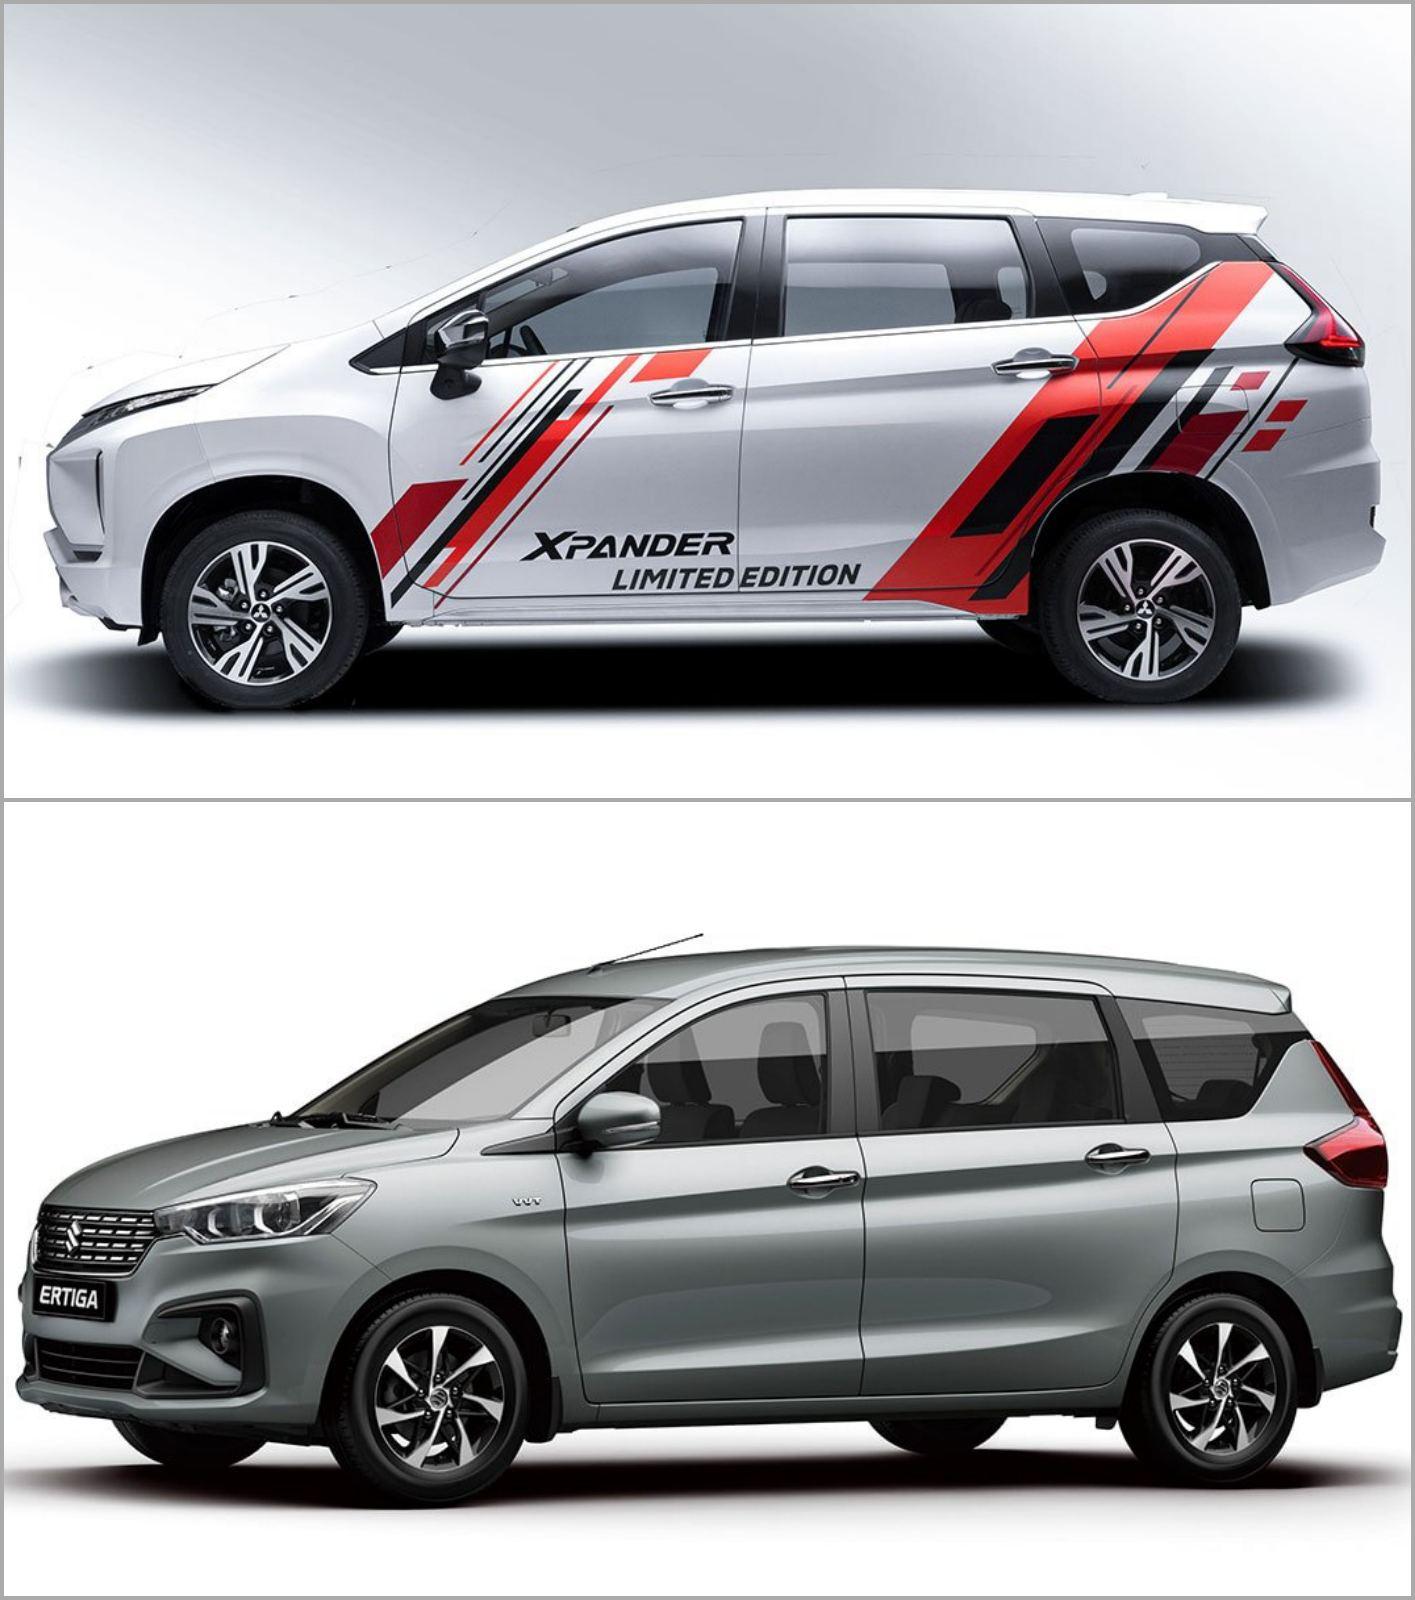 Mitsubishi-Xpander-ban-dac-biet-hay-Suzuki-Ertiga-Sport-anh-12.jpg